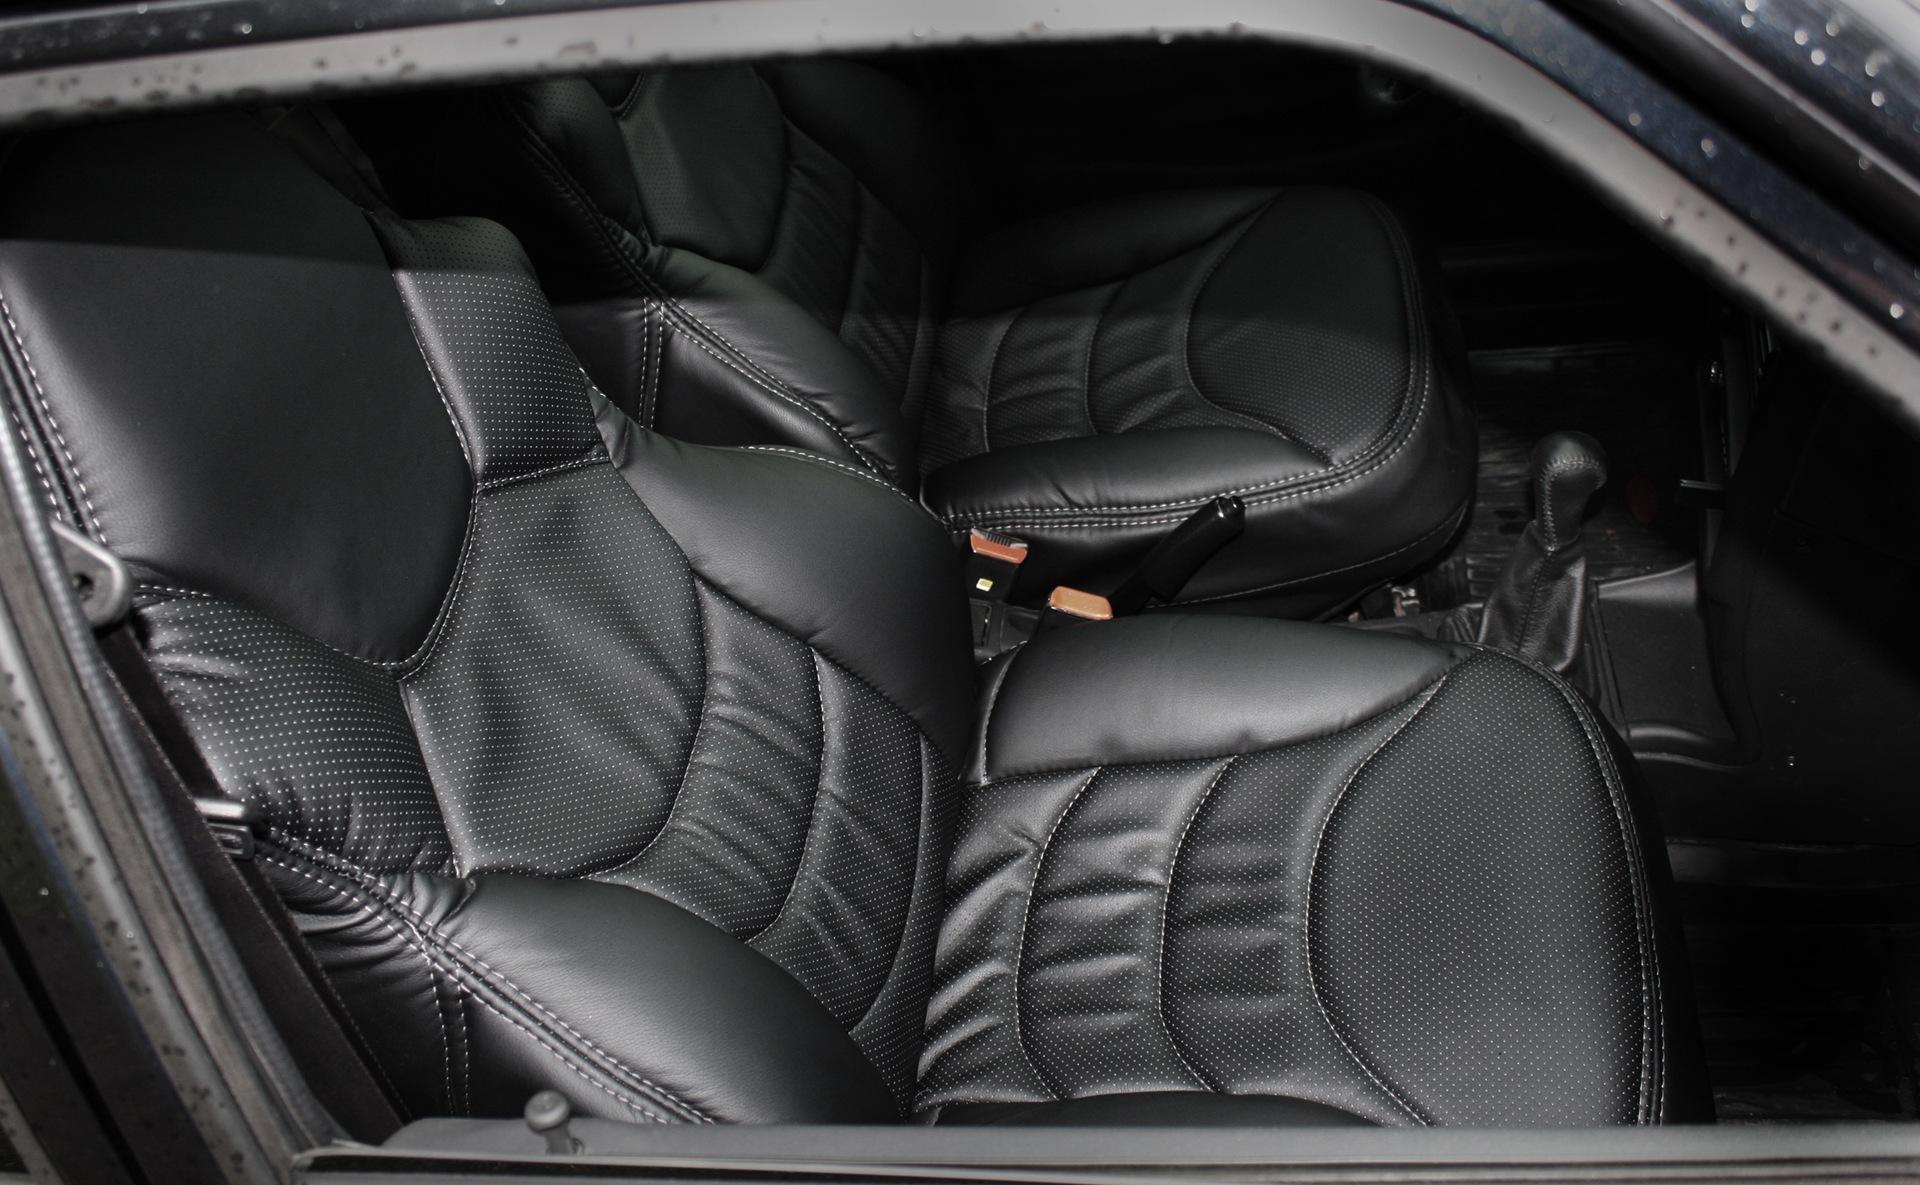 Выкройка накидок на сидения автомобиля